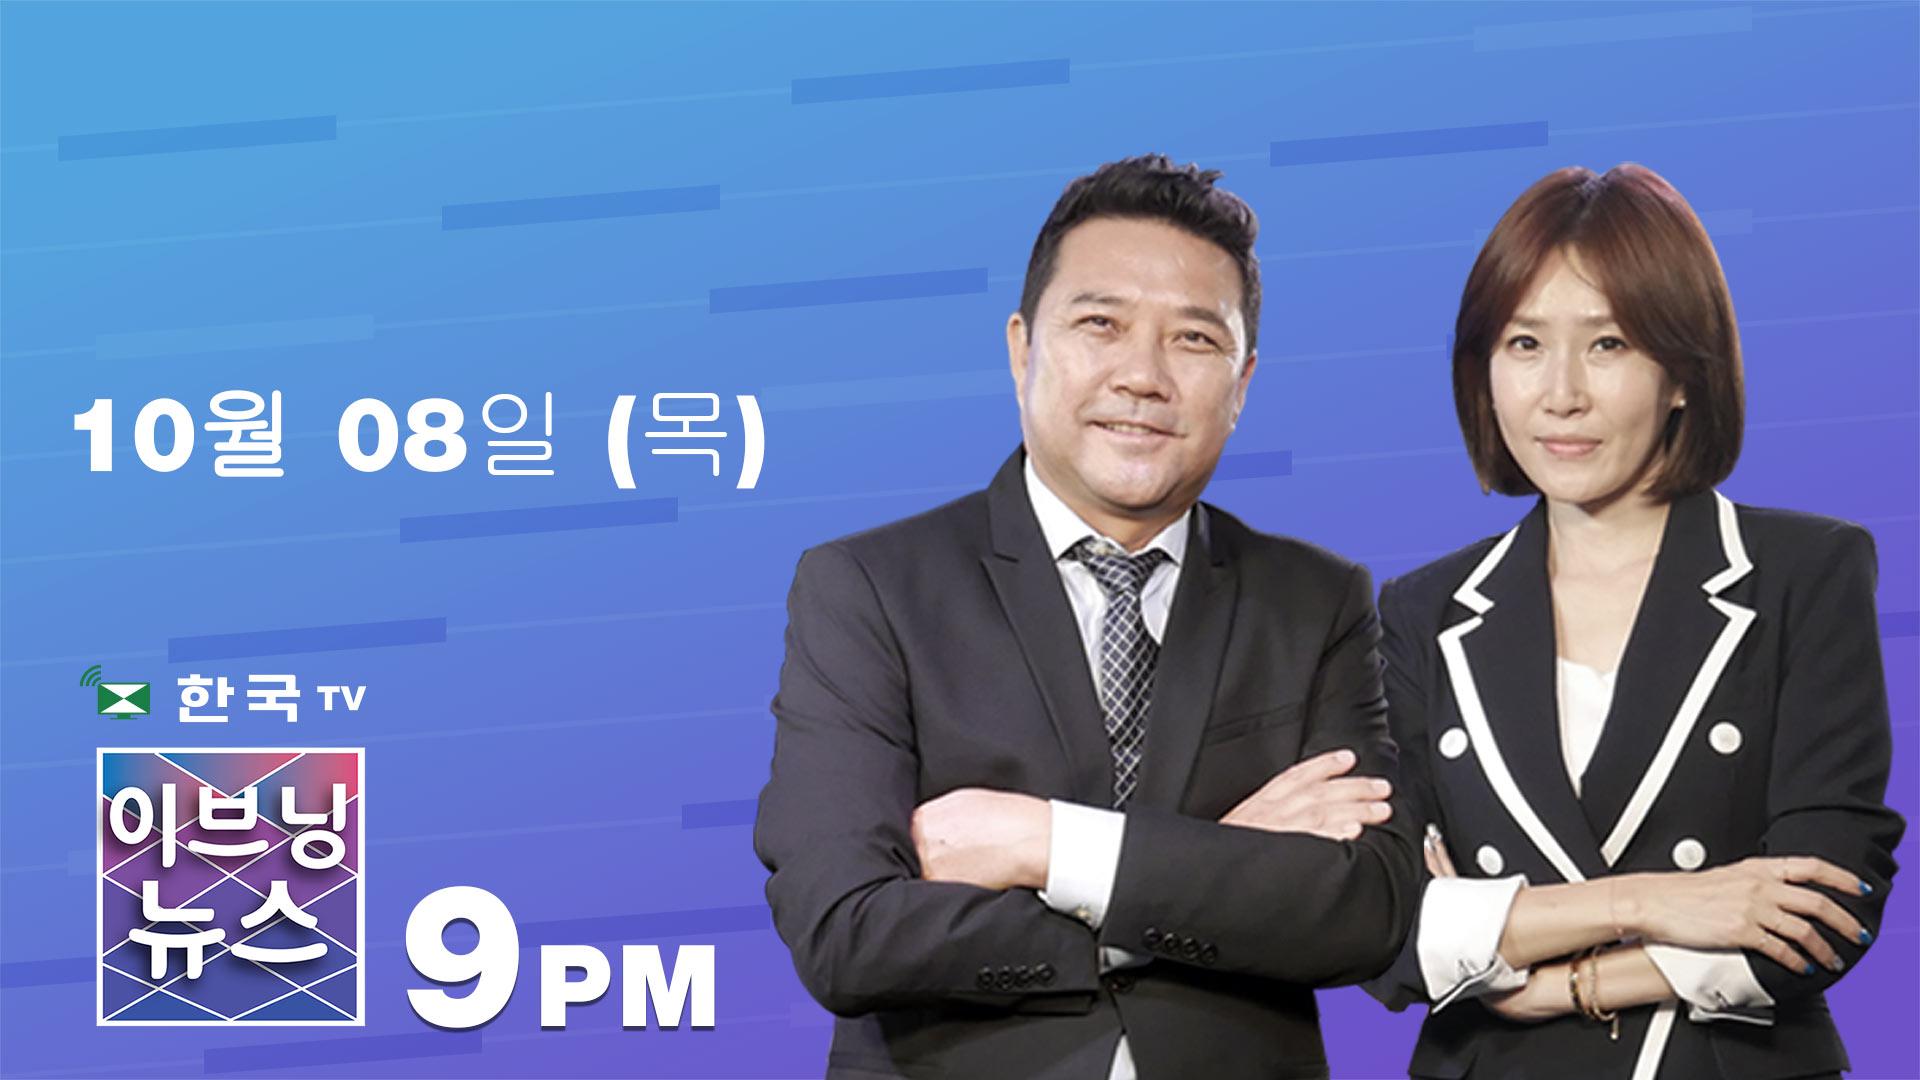 (10.08.2020) 한국TV 이브닝 뉴스